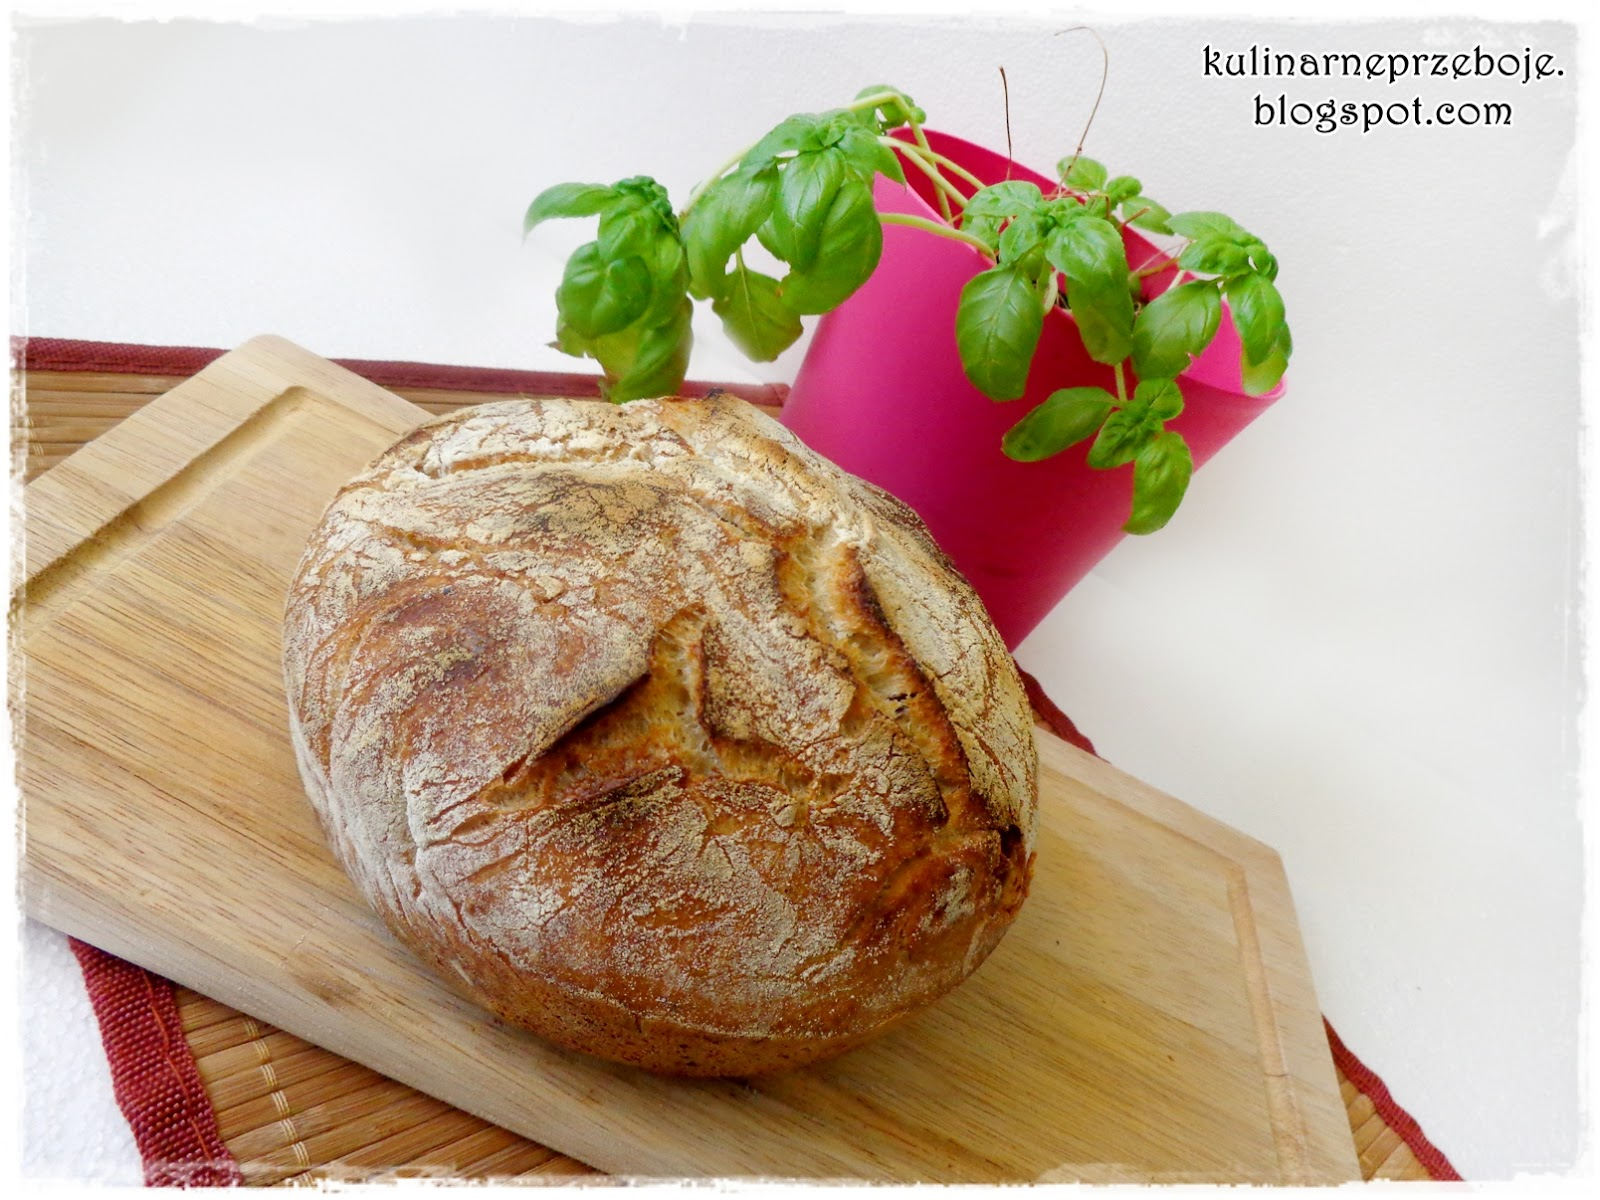 Przepyszny domowy chleb pszenny